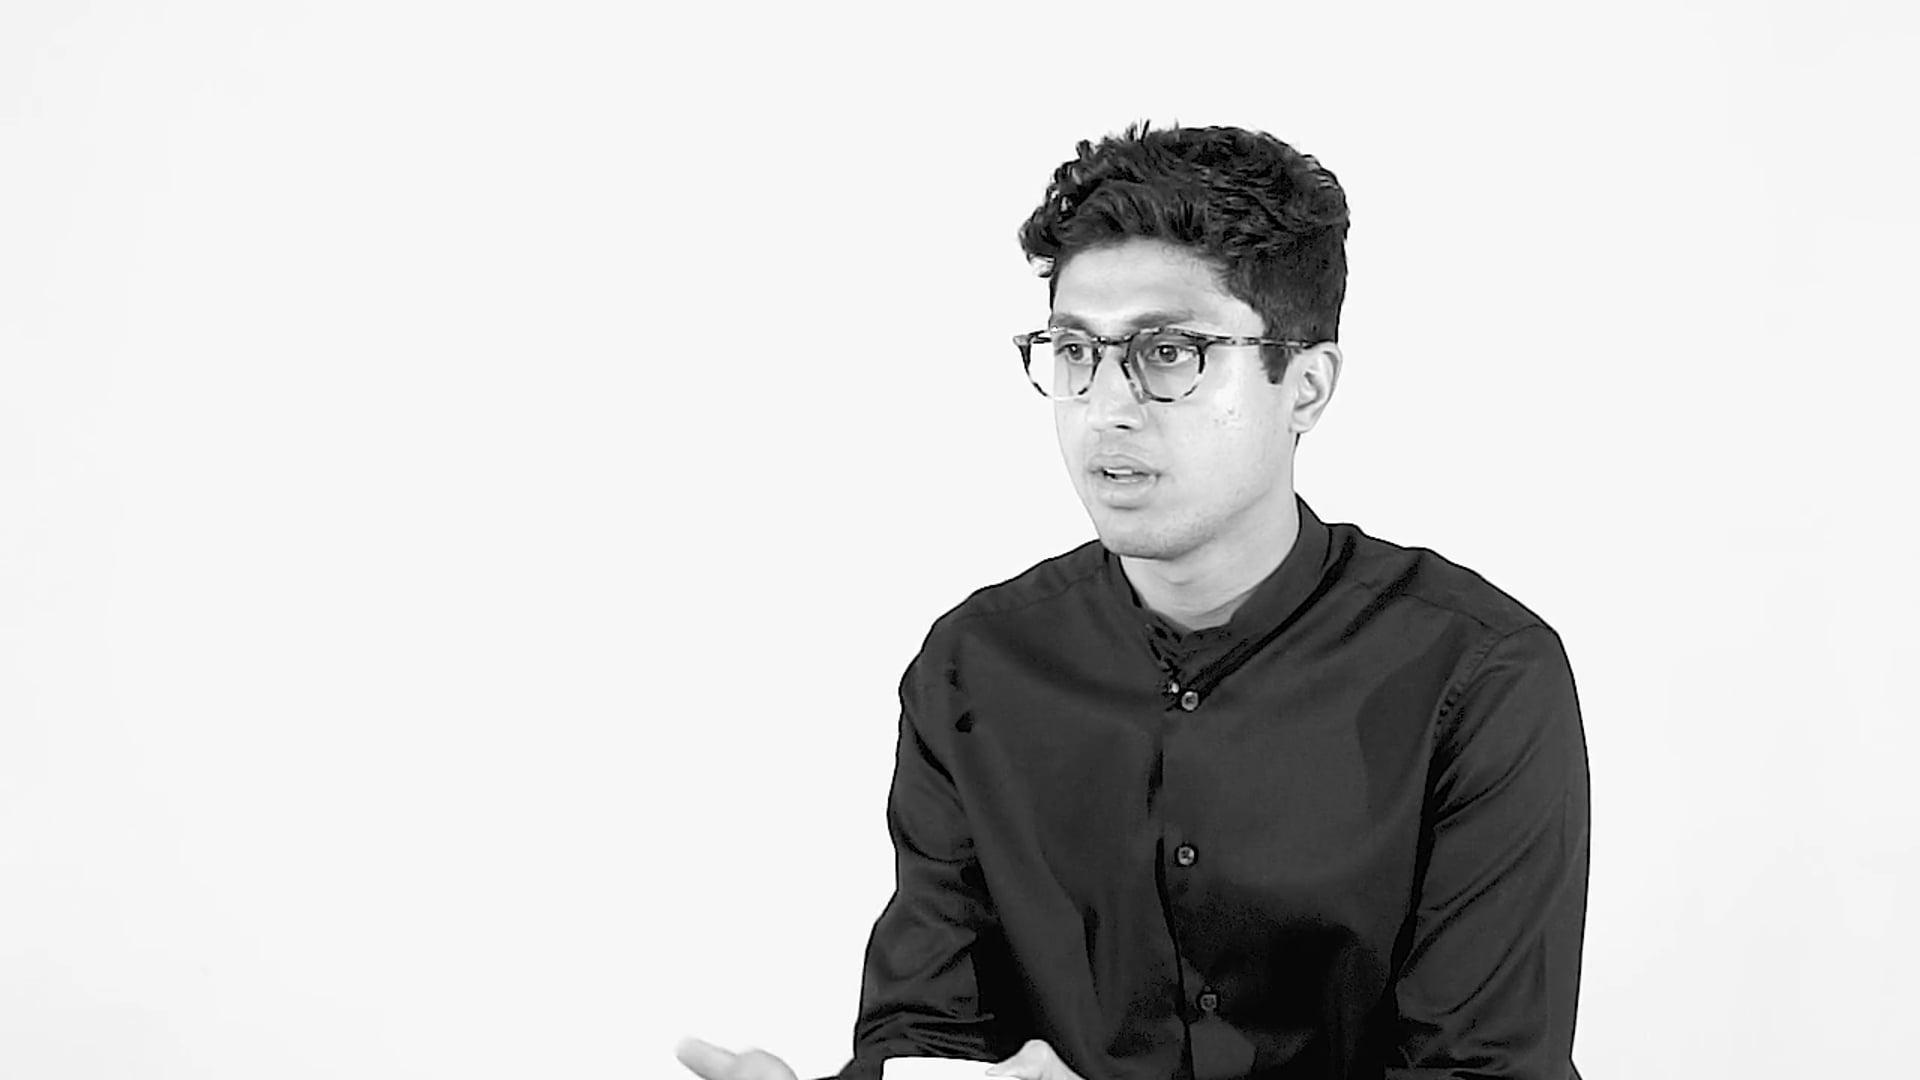 Adi Kas on Minimalism